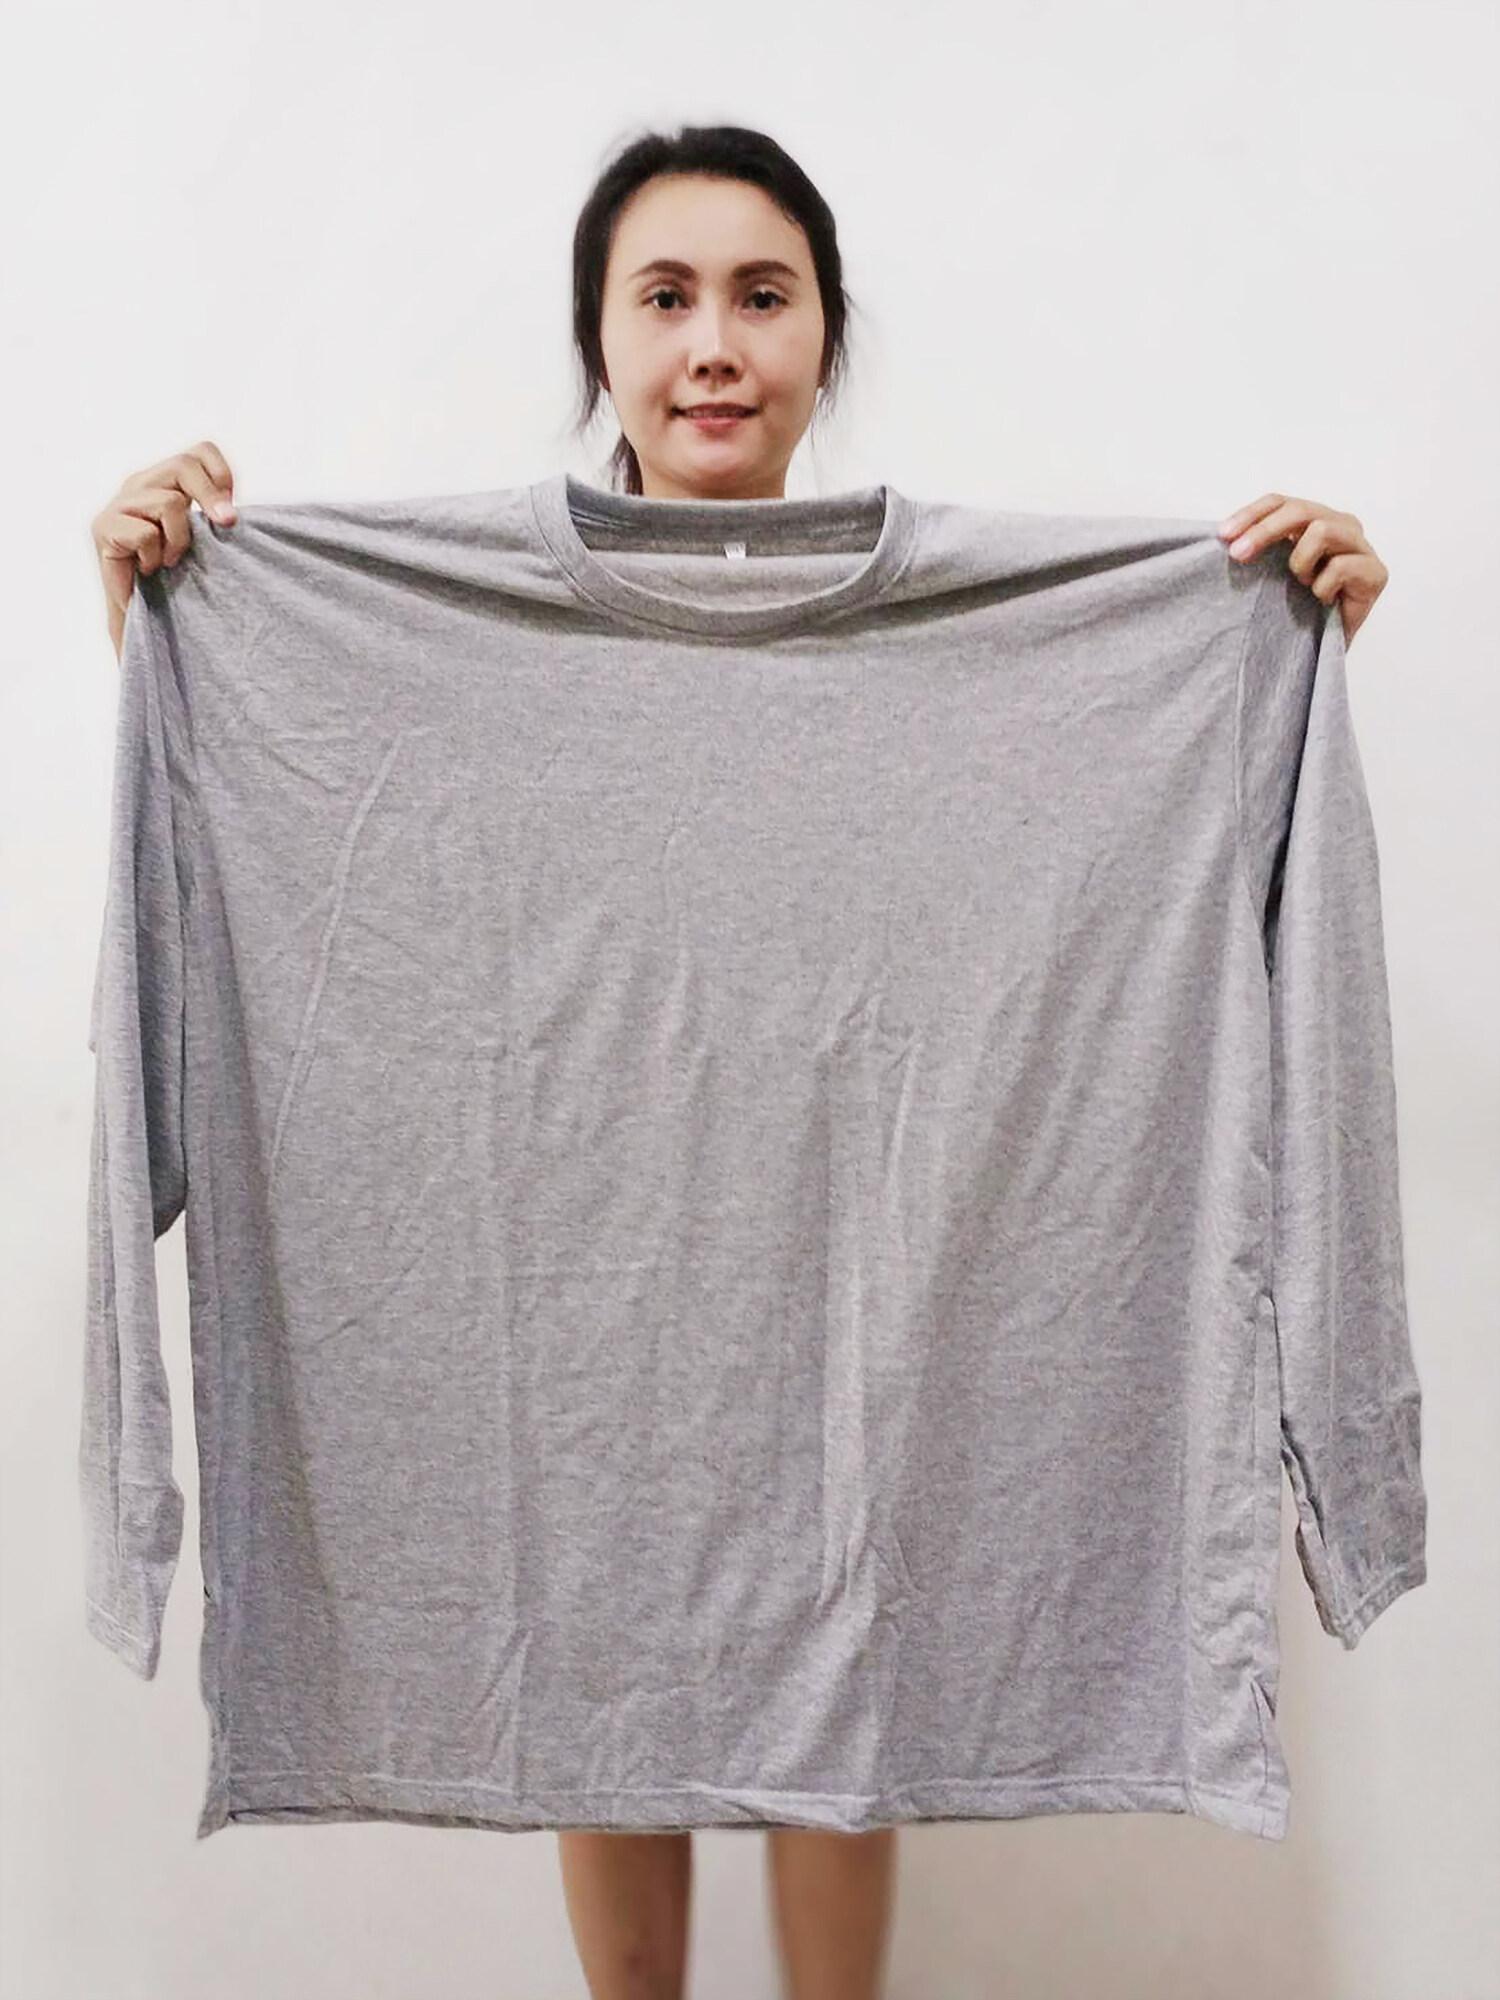 5 สี เสื้อยืดแขนยาว คนอ้วน ไซส์ใหญ่ Big Size